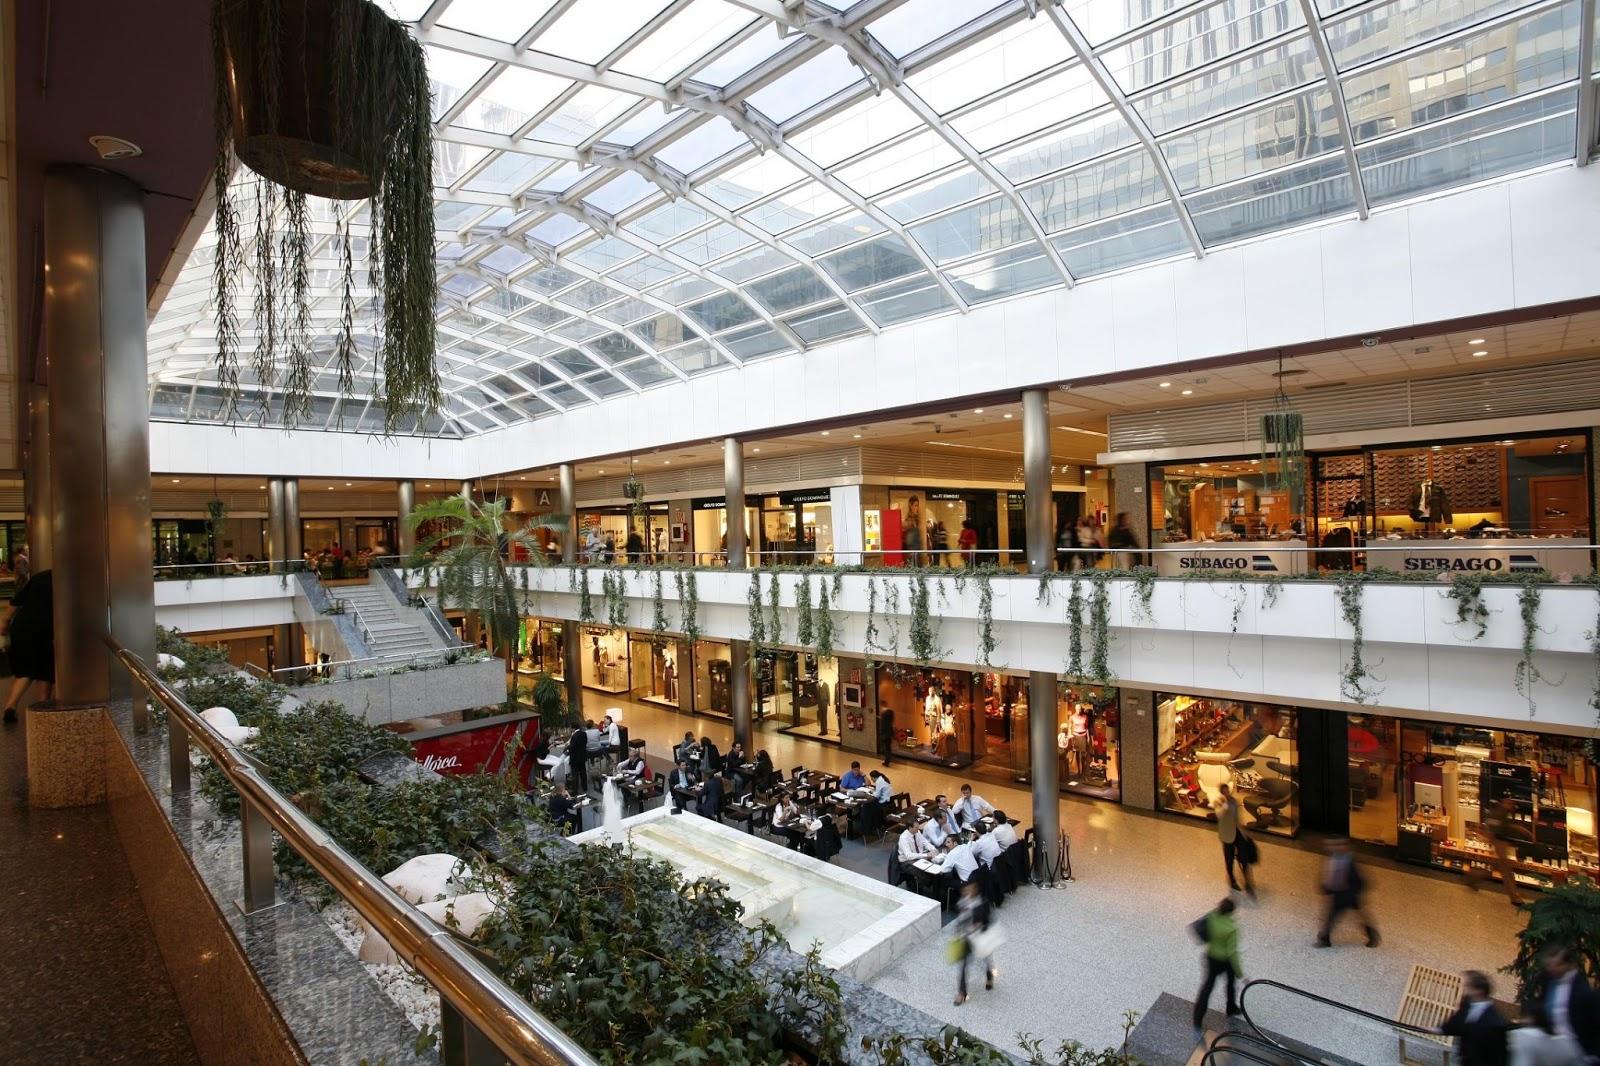 Fashion festival week y el desmarque los j venes - Centro comercial moda shoping ...